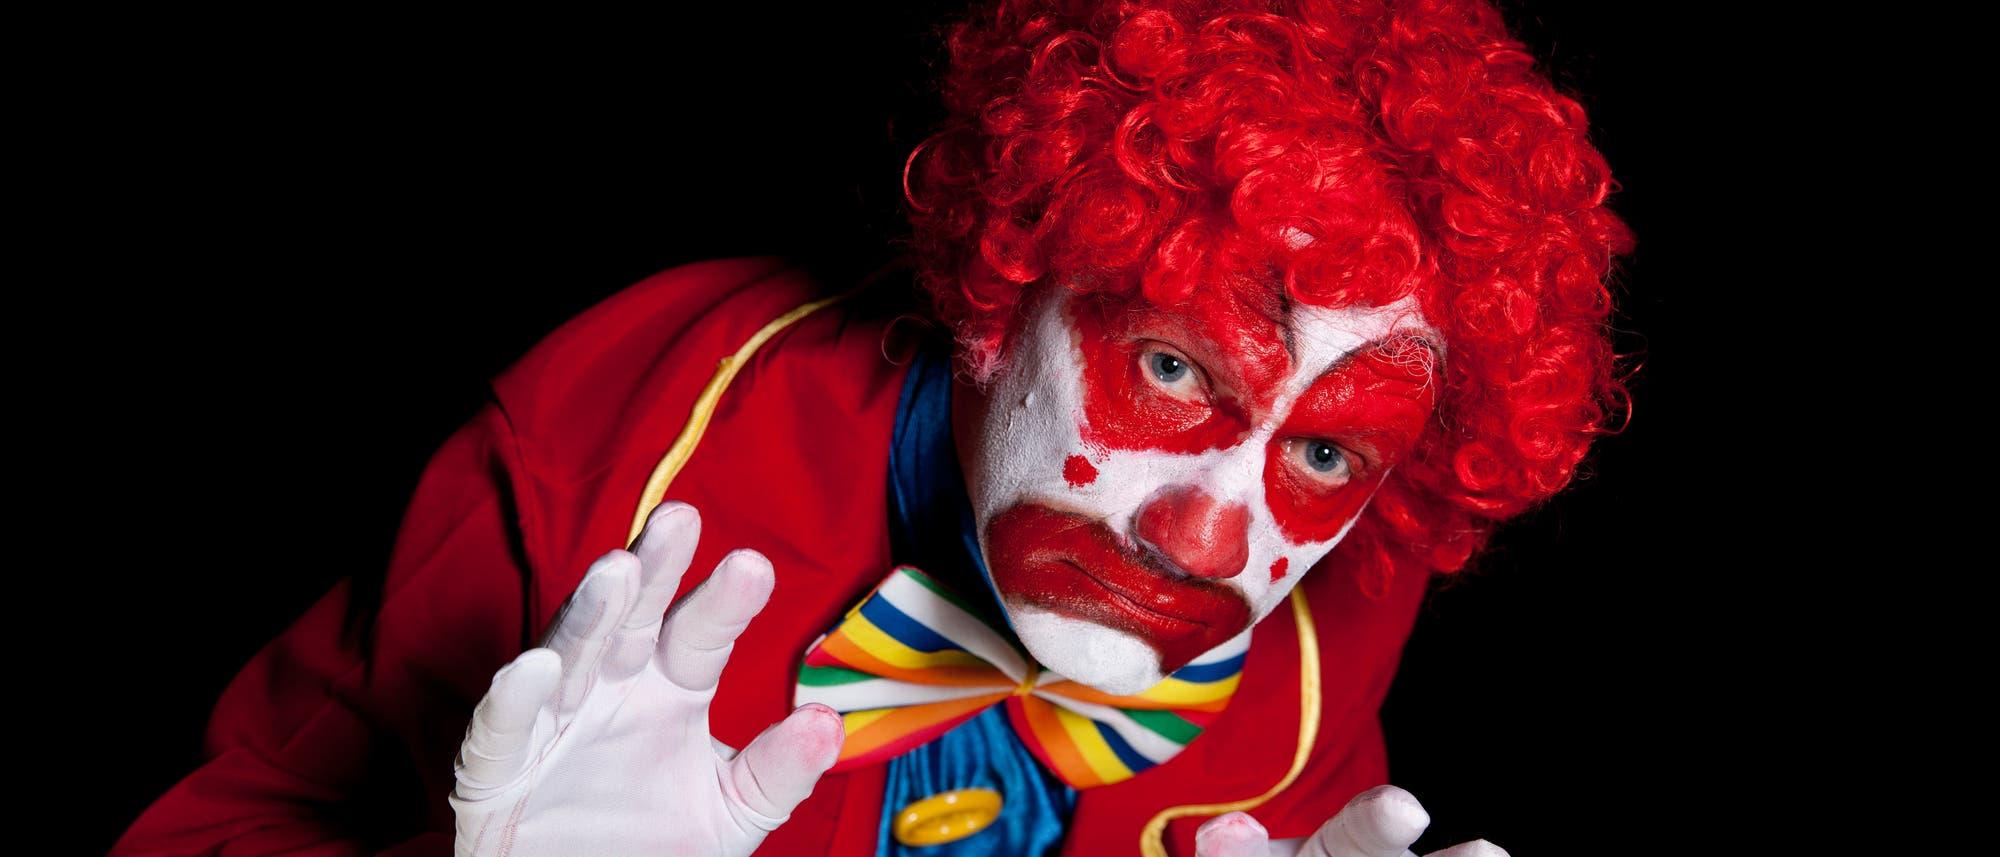 Ein Clown, der statt Freude zu bringen, eher gruselig wirkt.